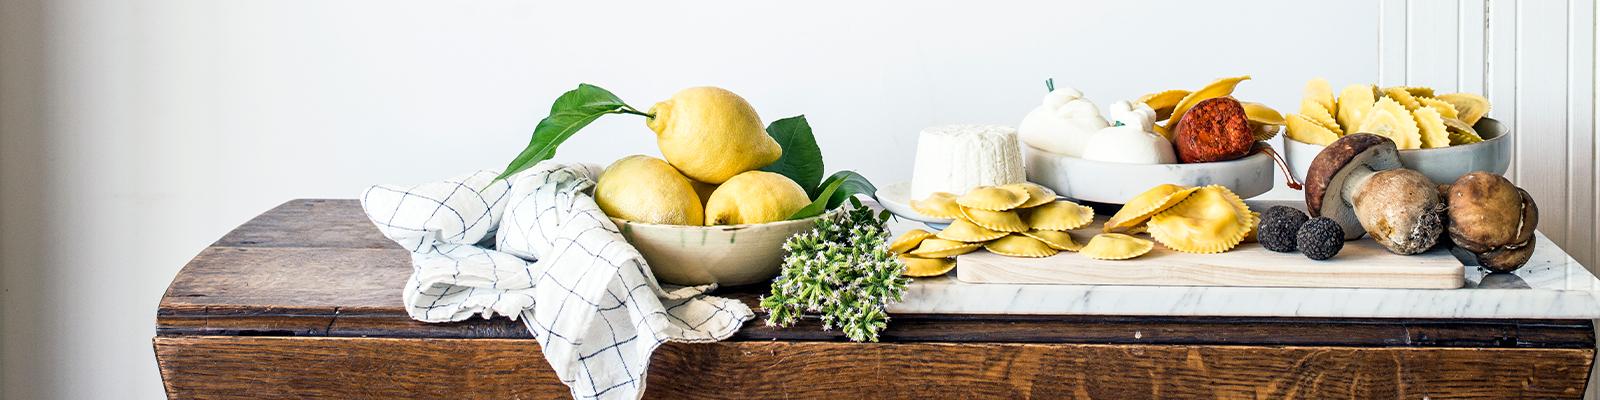 Pasta Garofalo - Gefüllte Frische Pasta